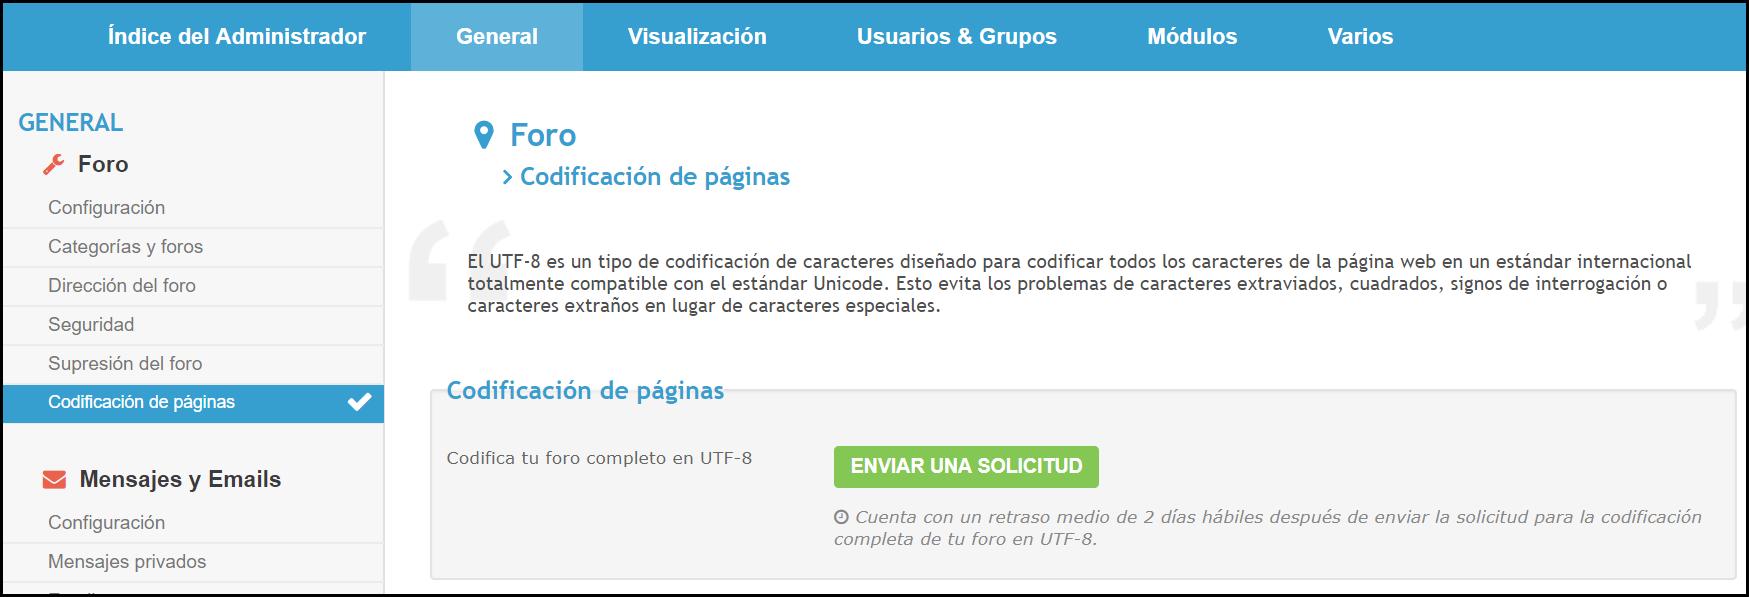 Novedad: Posibilidad de codificar tu foro en UTF-8 2018-015